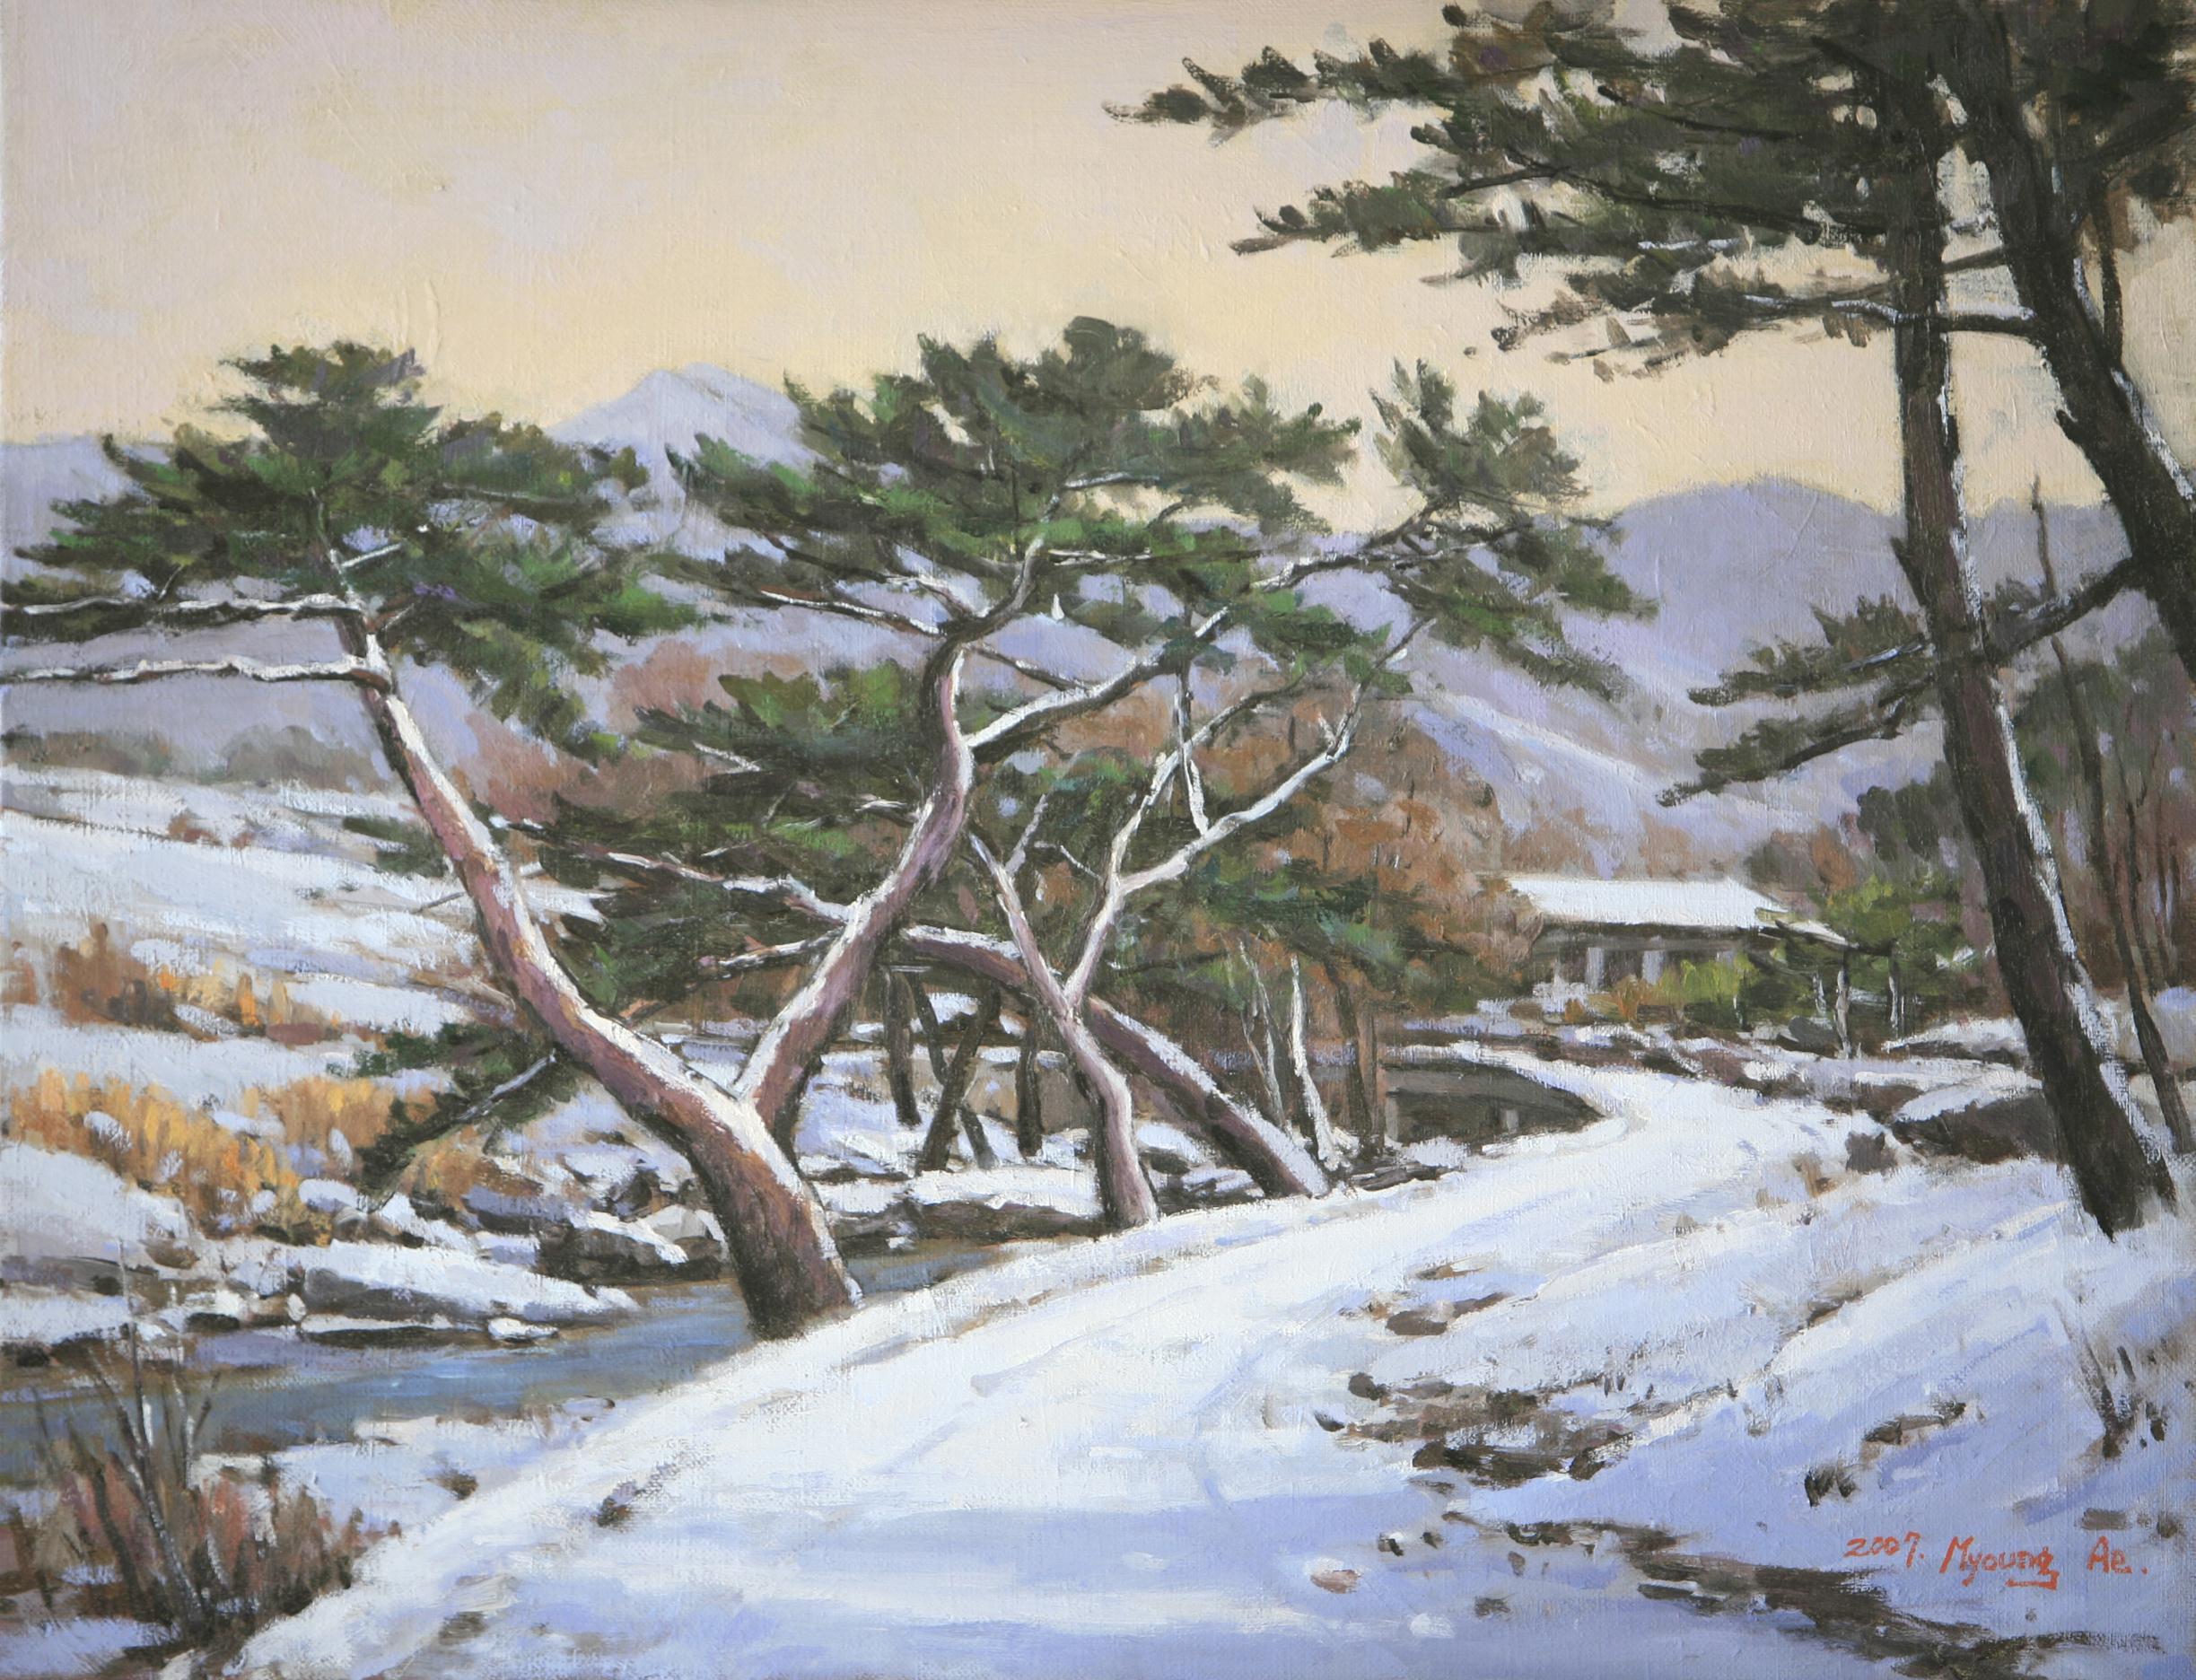 계룡산의 겨울 53.0 x 40.9